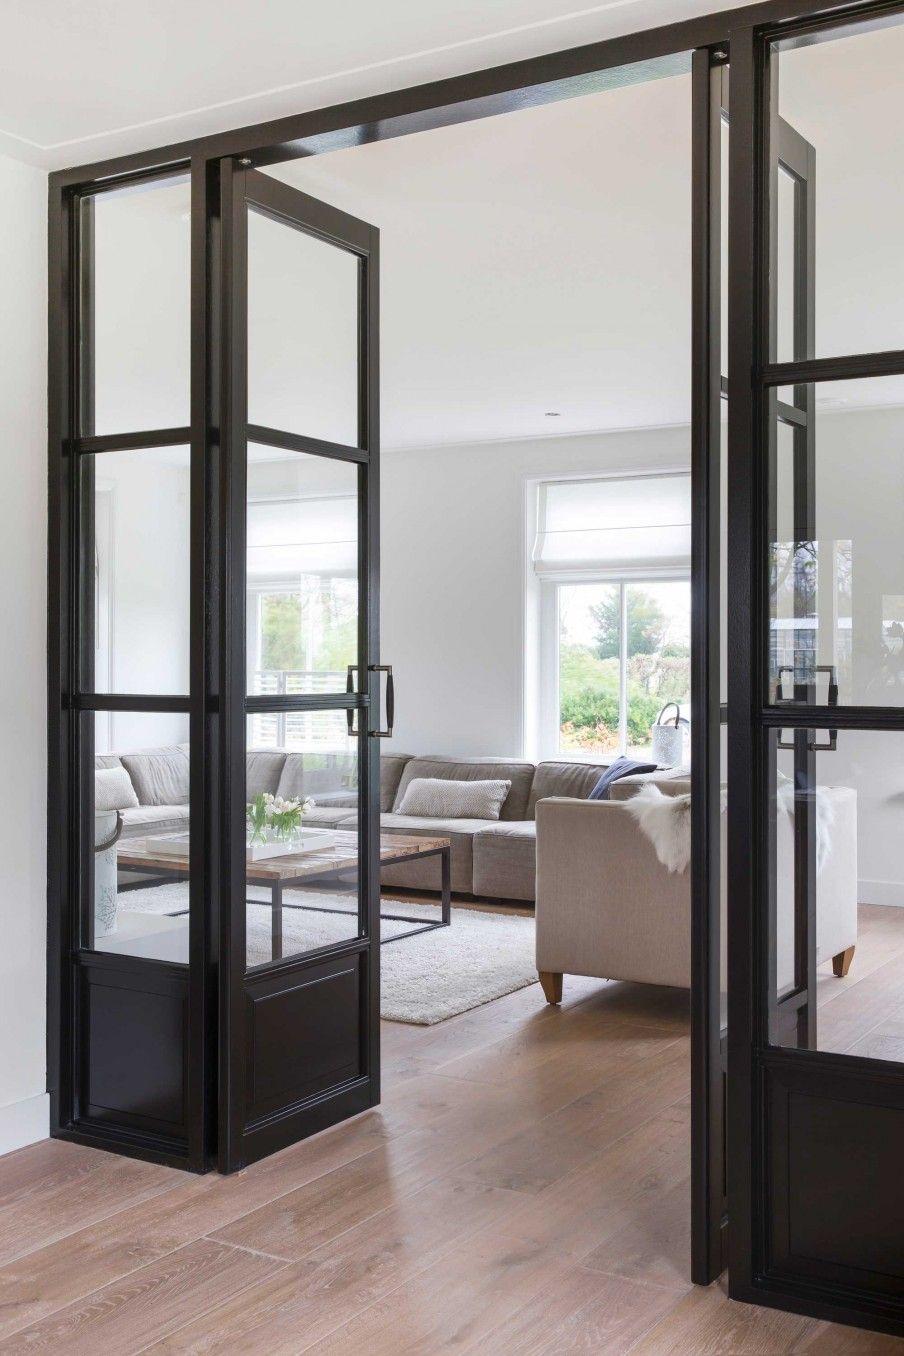 Porte noire verre id es pour la maison pinterest - Demi porte interieure ...